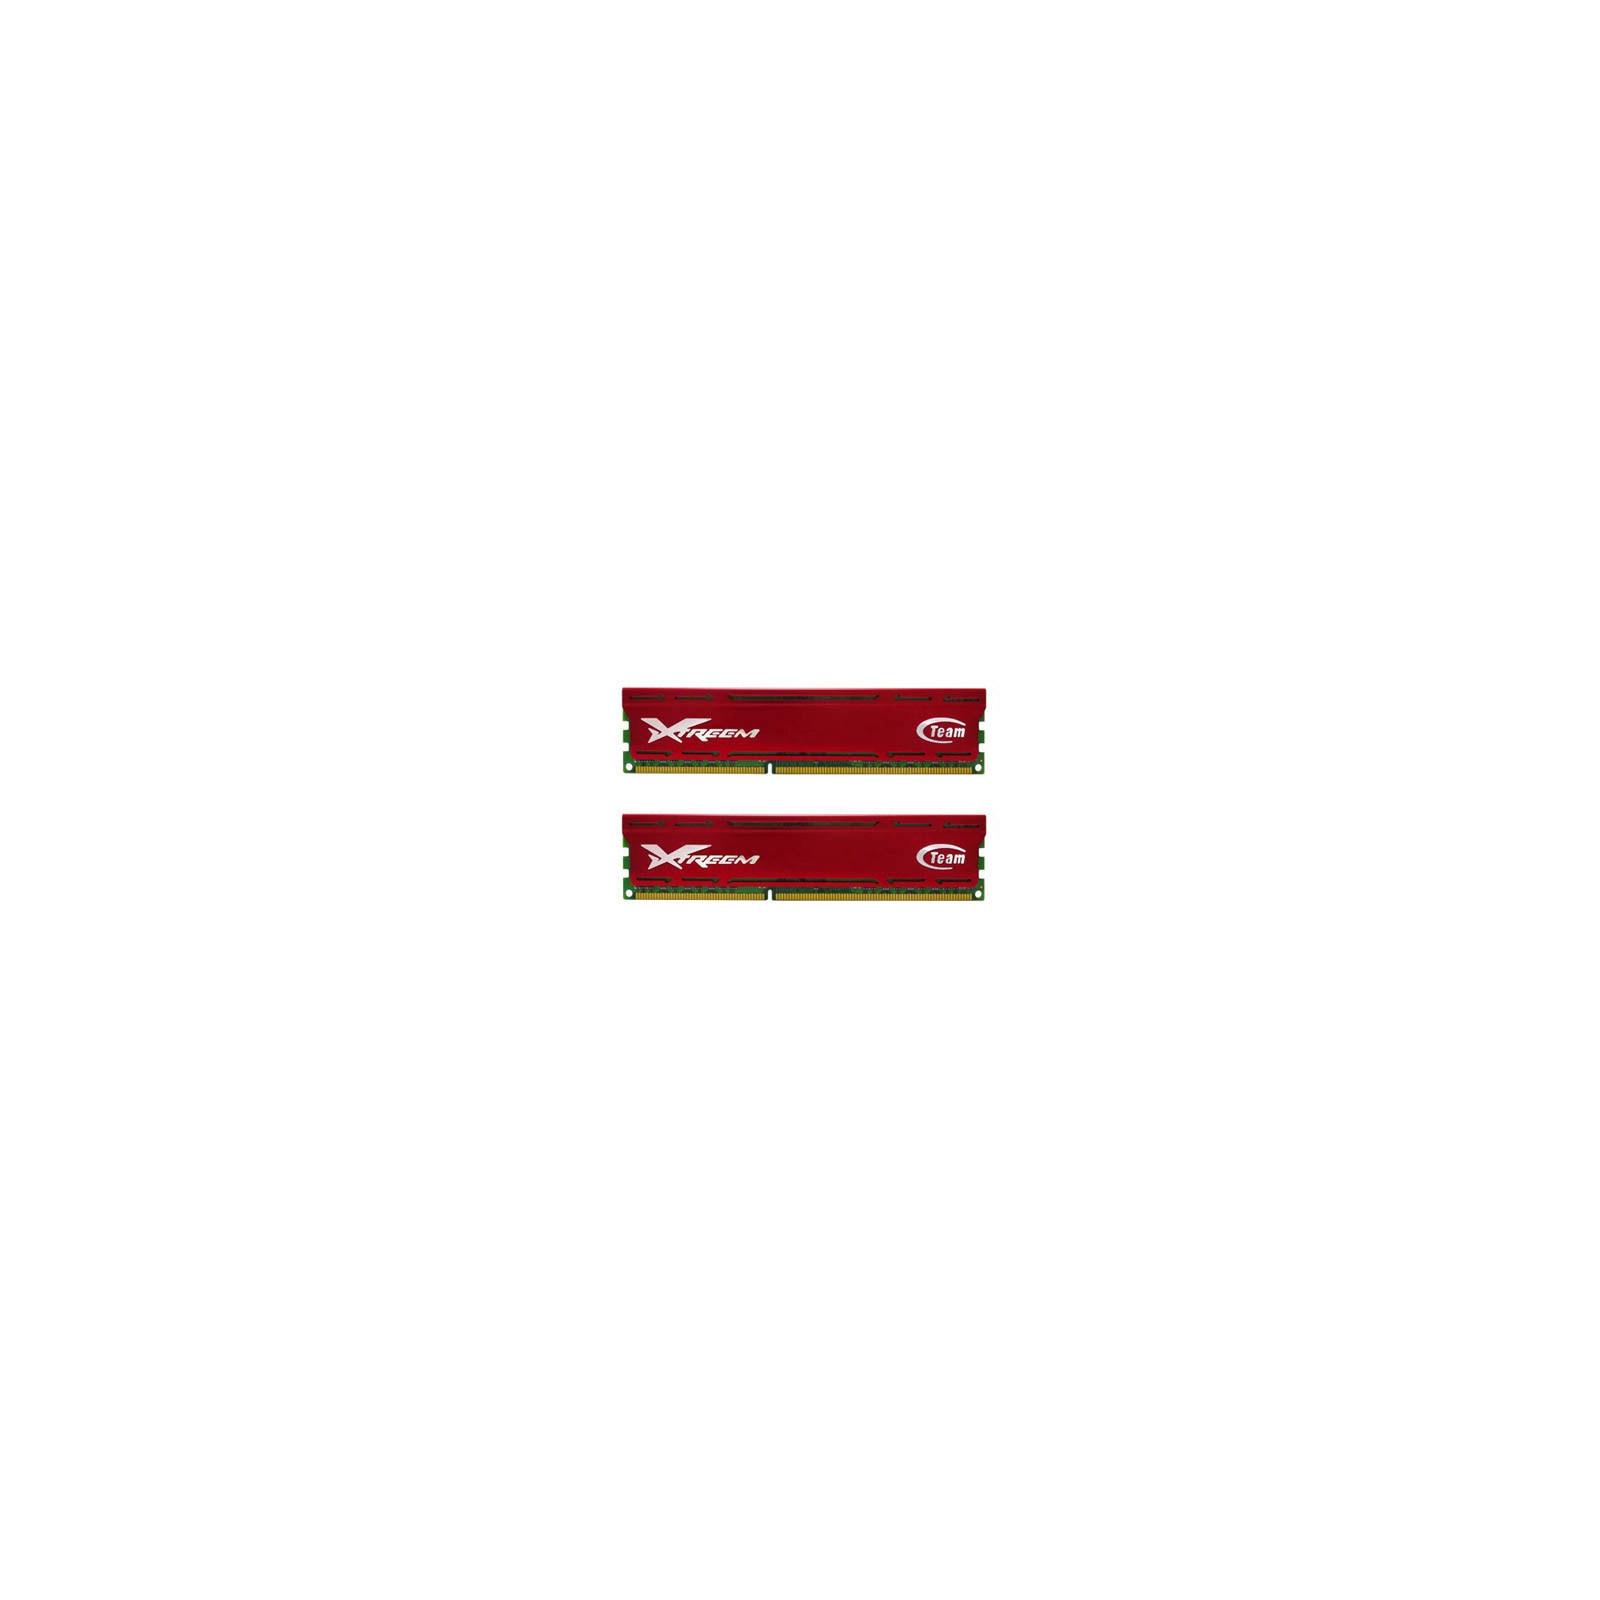 Модуль памяти для компьютера DDR3 16GB (2x8GB) 2133 MHz Team (TLD316G2133HC11ADC01)